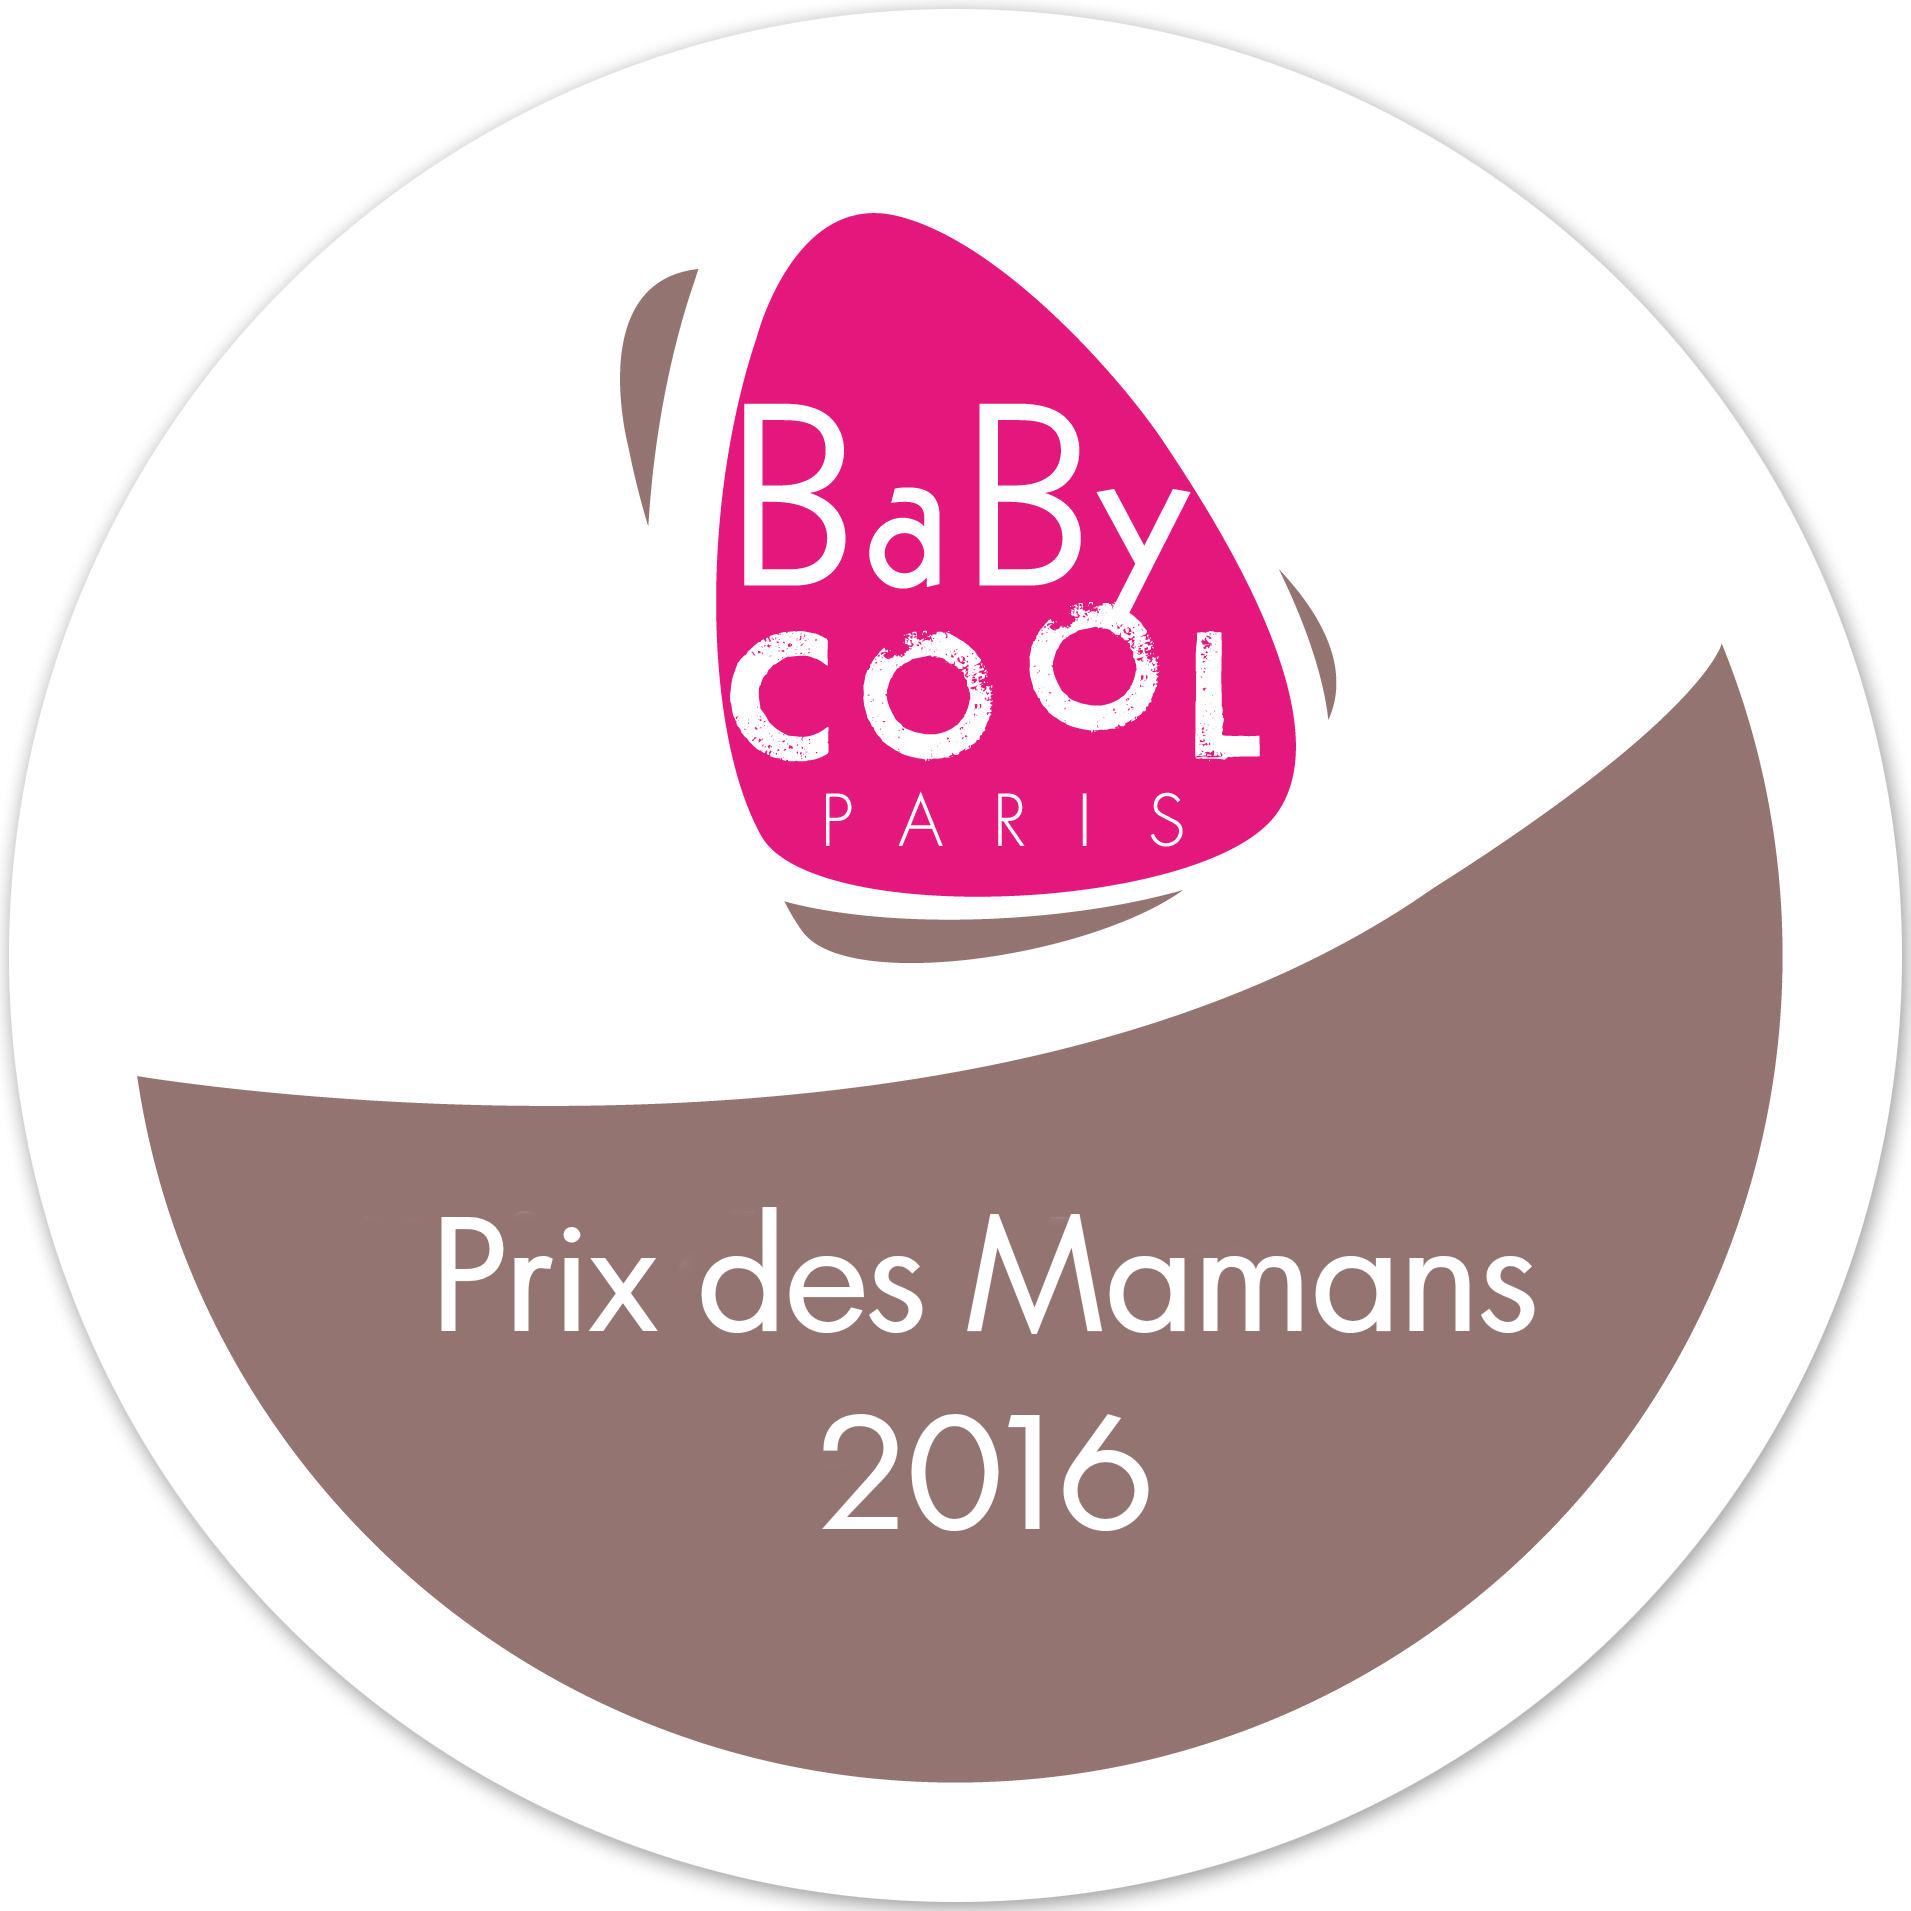 babycool-paris-trophee-prix-des-mamans-2016